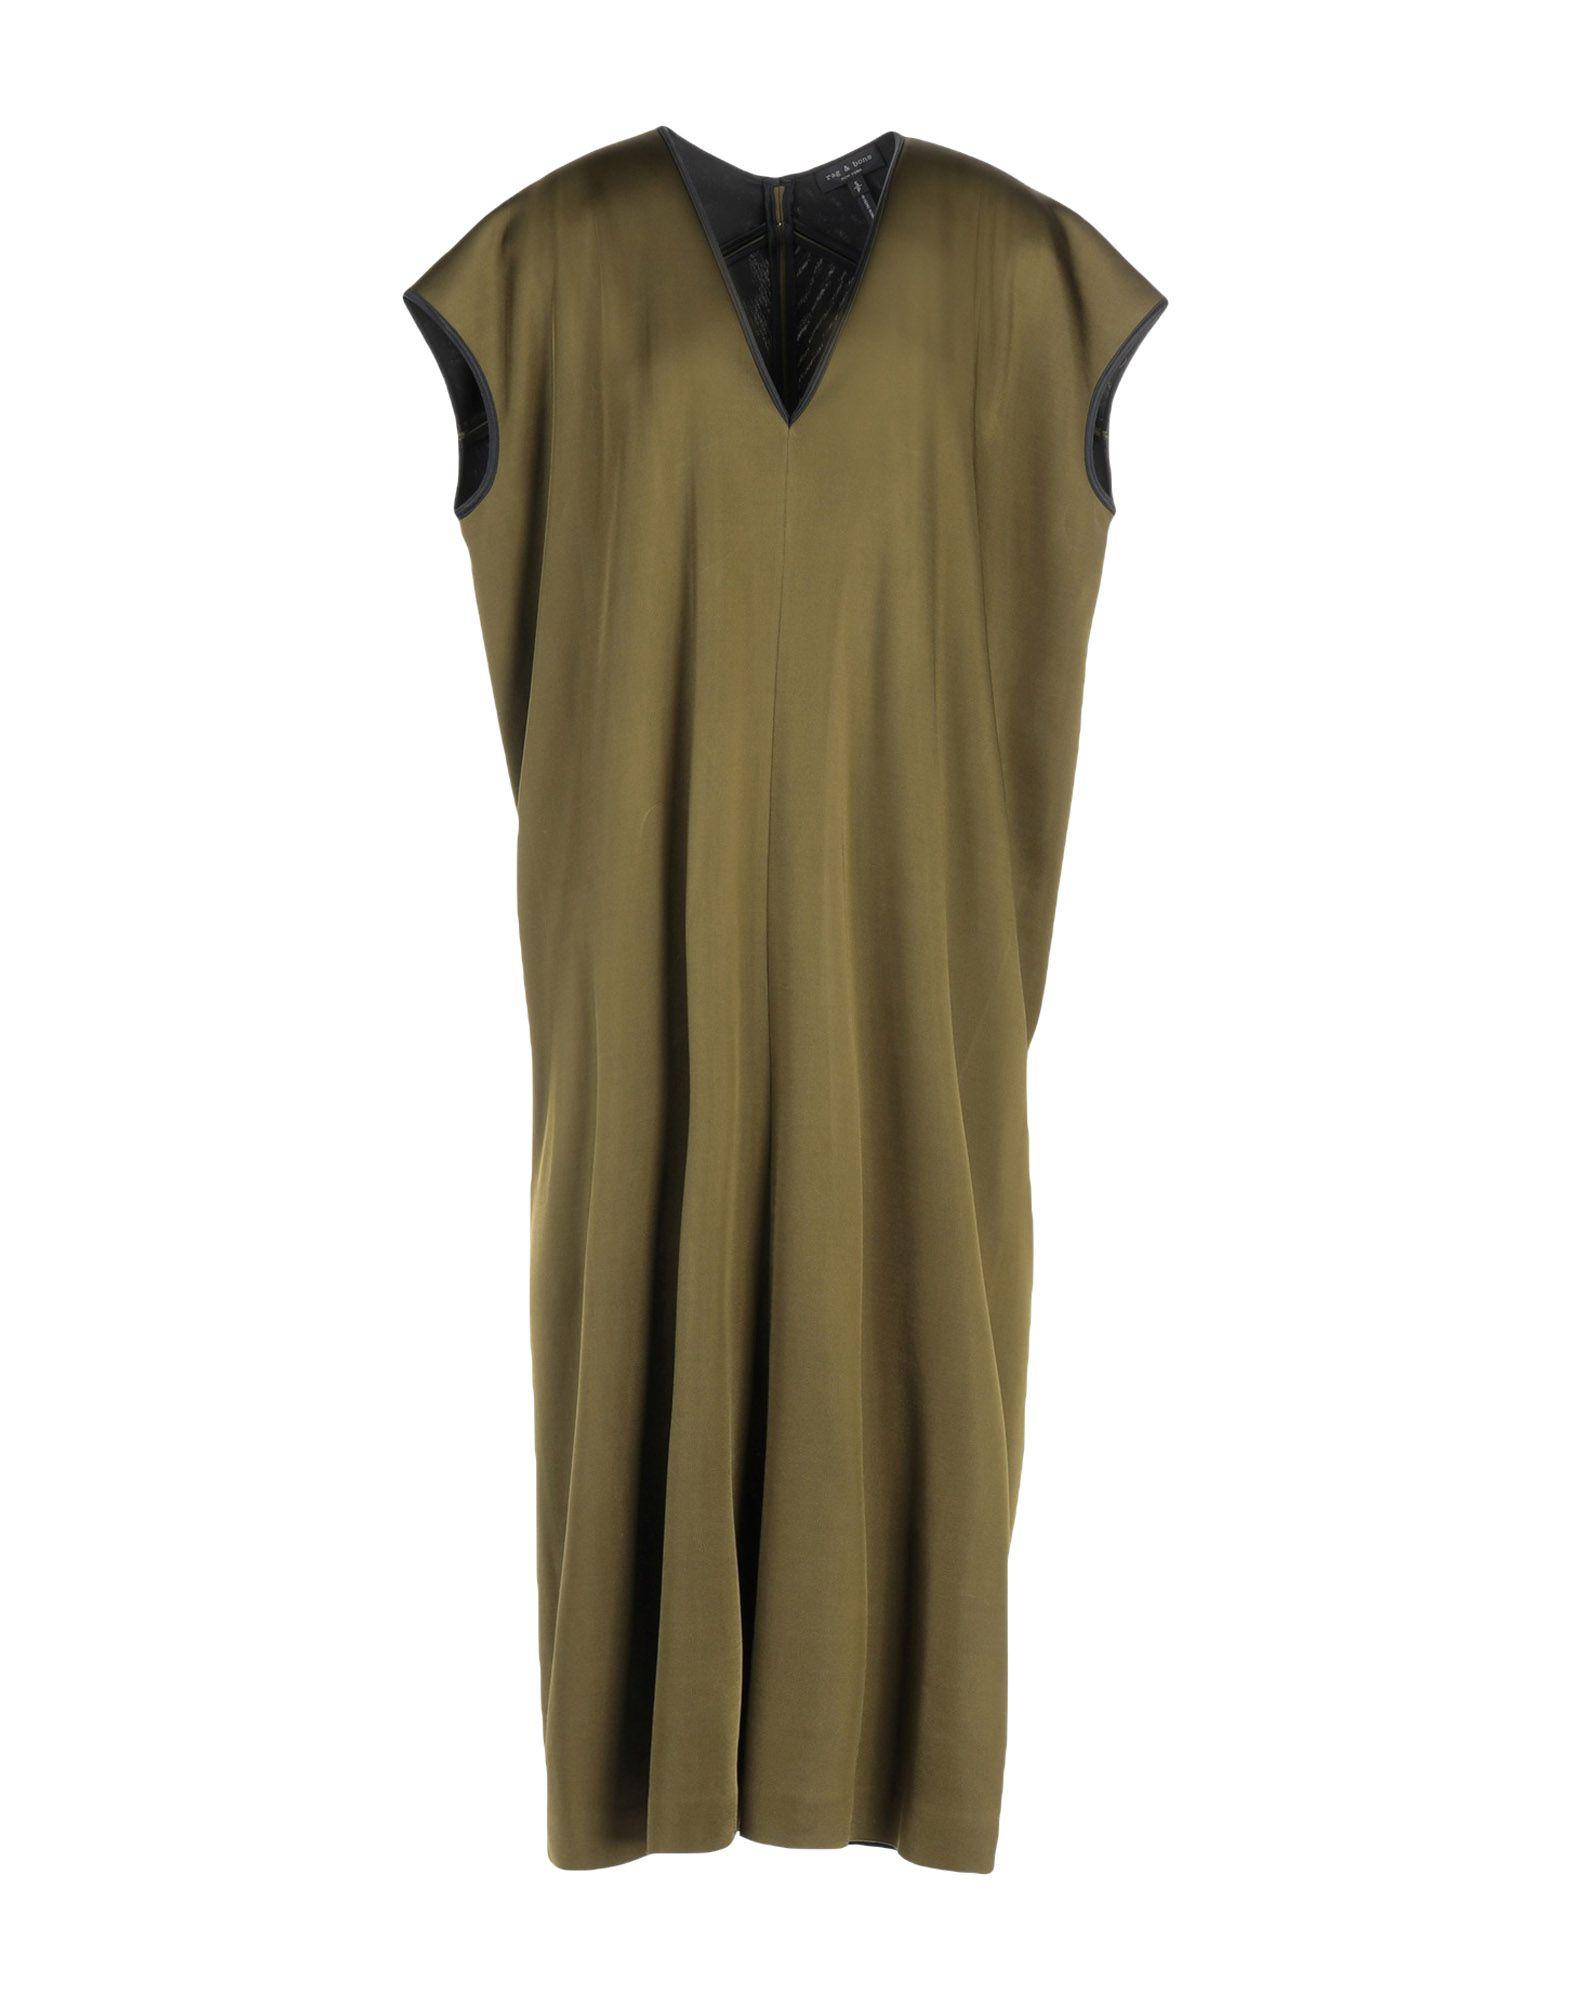 5da7b8cb95ba8a Raw Silk Dresses - Buy Best Raw Silk Dresses from Fashion Influencers